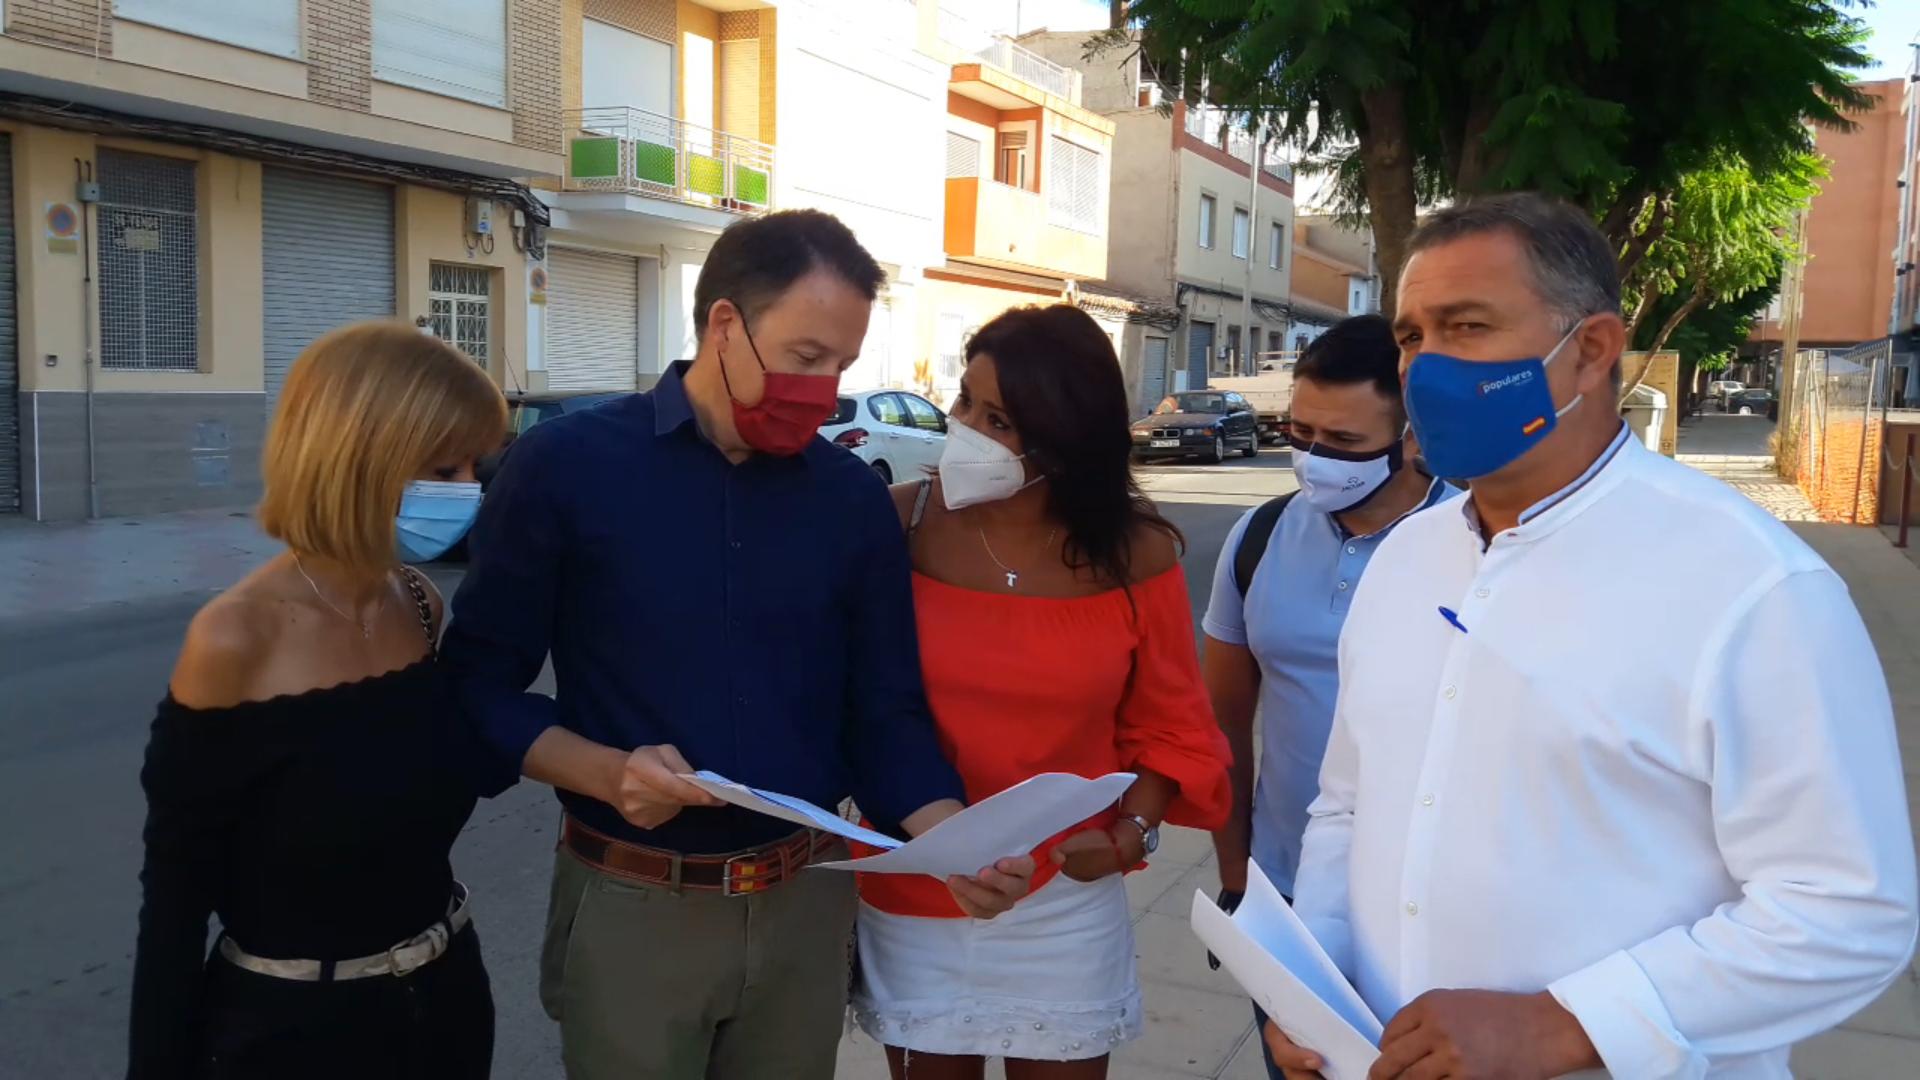 El alcalde del PSOE suprime sin previo aviso ni informar a los vecinos los fondos para la renovación urbana del Camino Viejo del Puerto y calles adyacentes